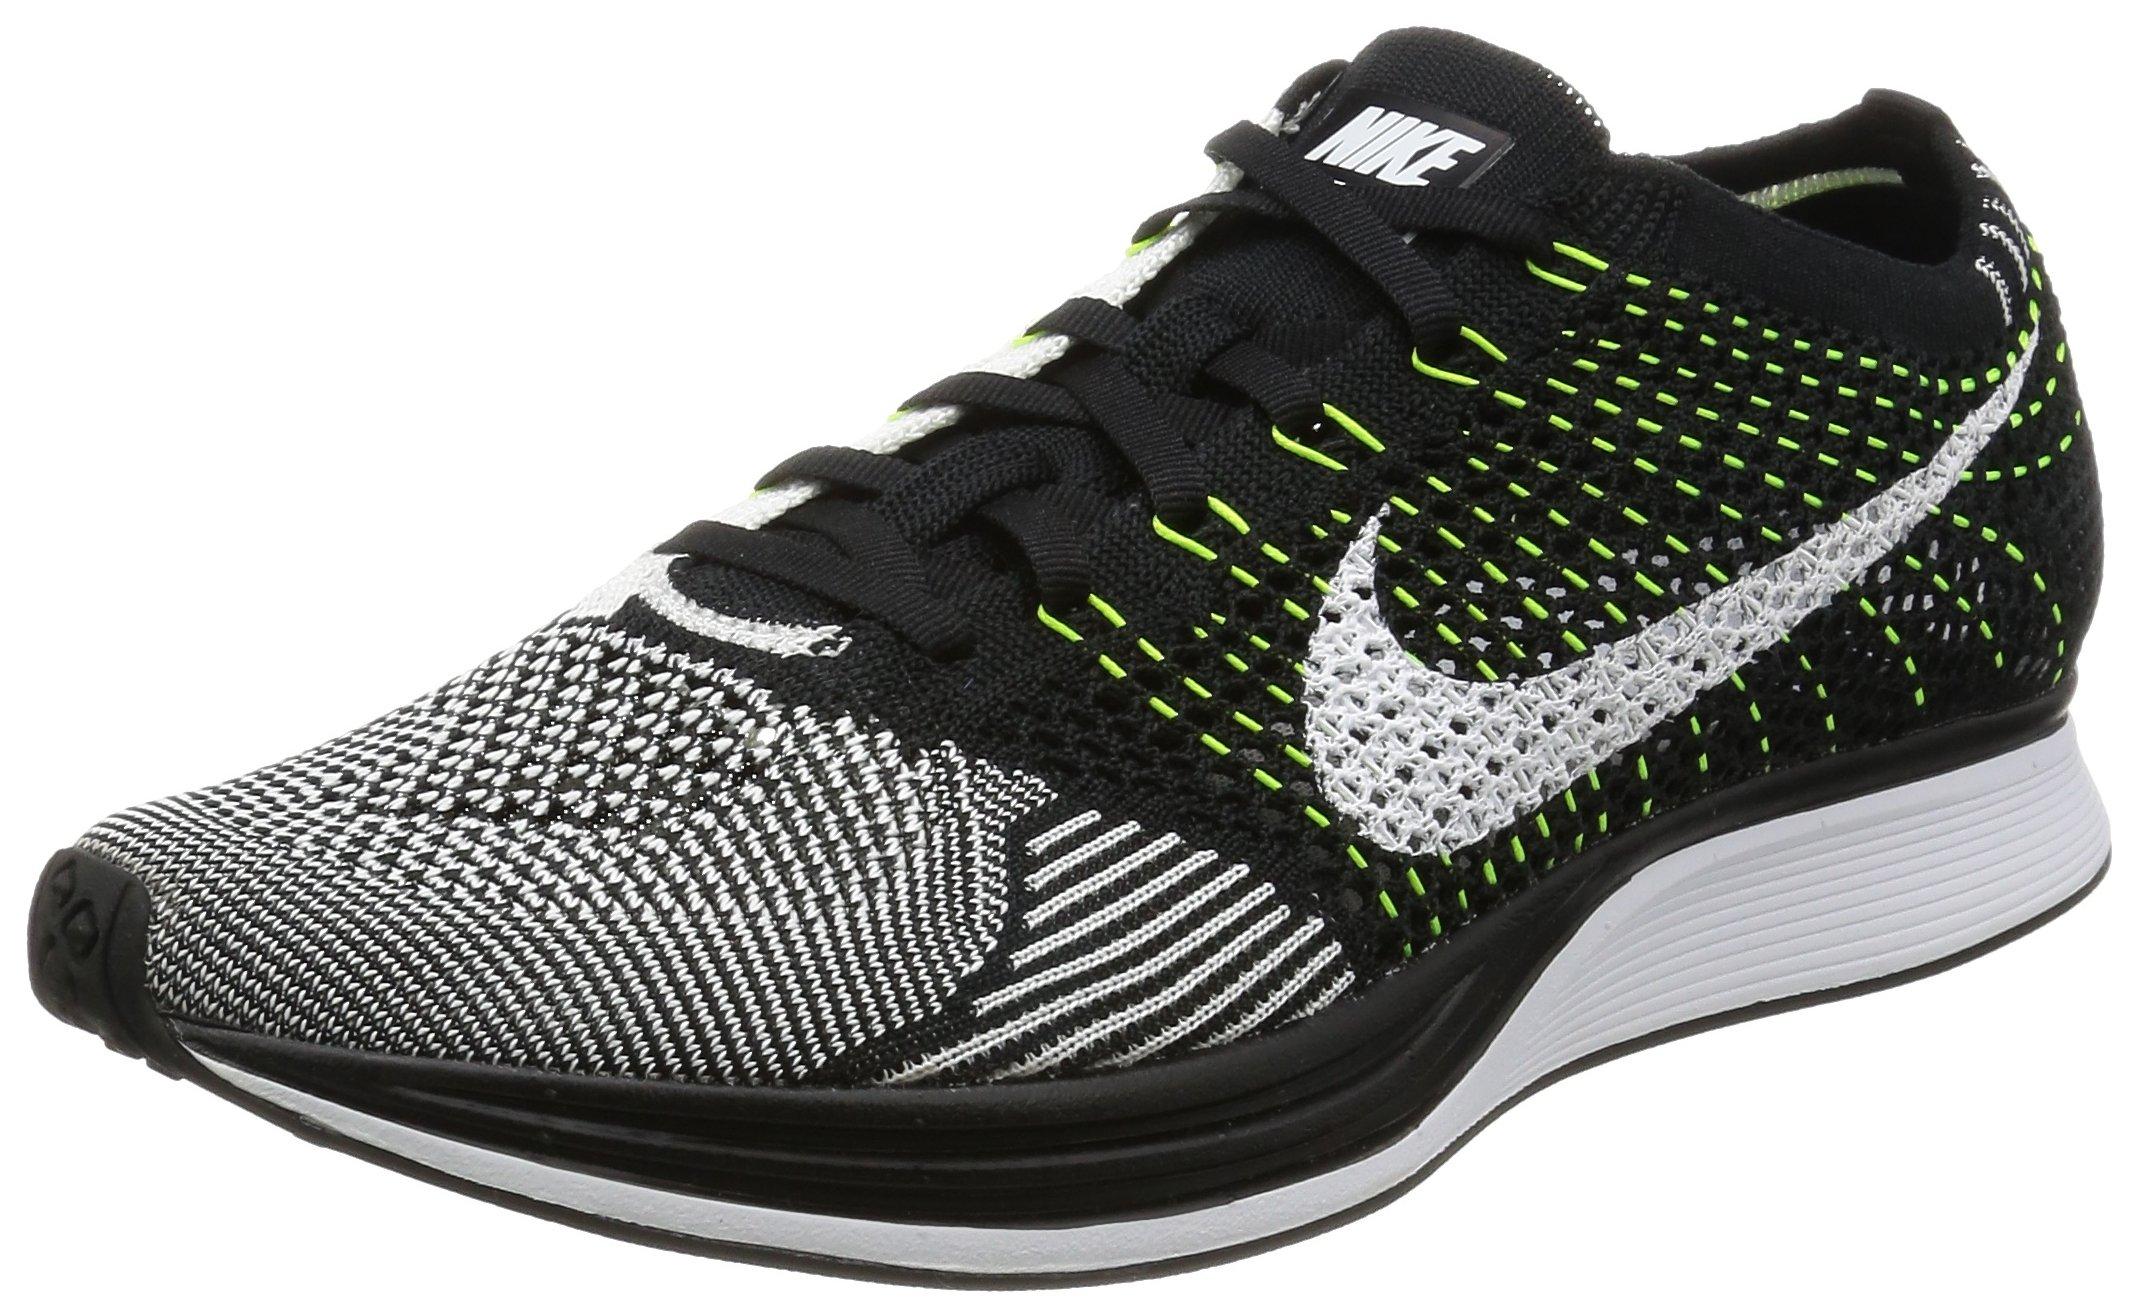 1a307f49689d Galleon - Nike Flyknit Racer Men s Sneaker (11.5 D(M) US